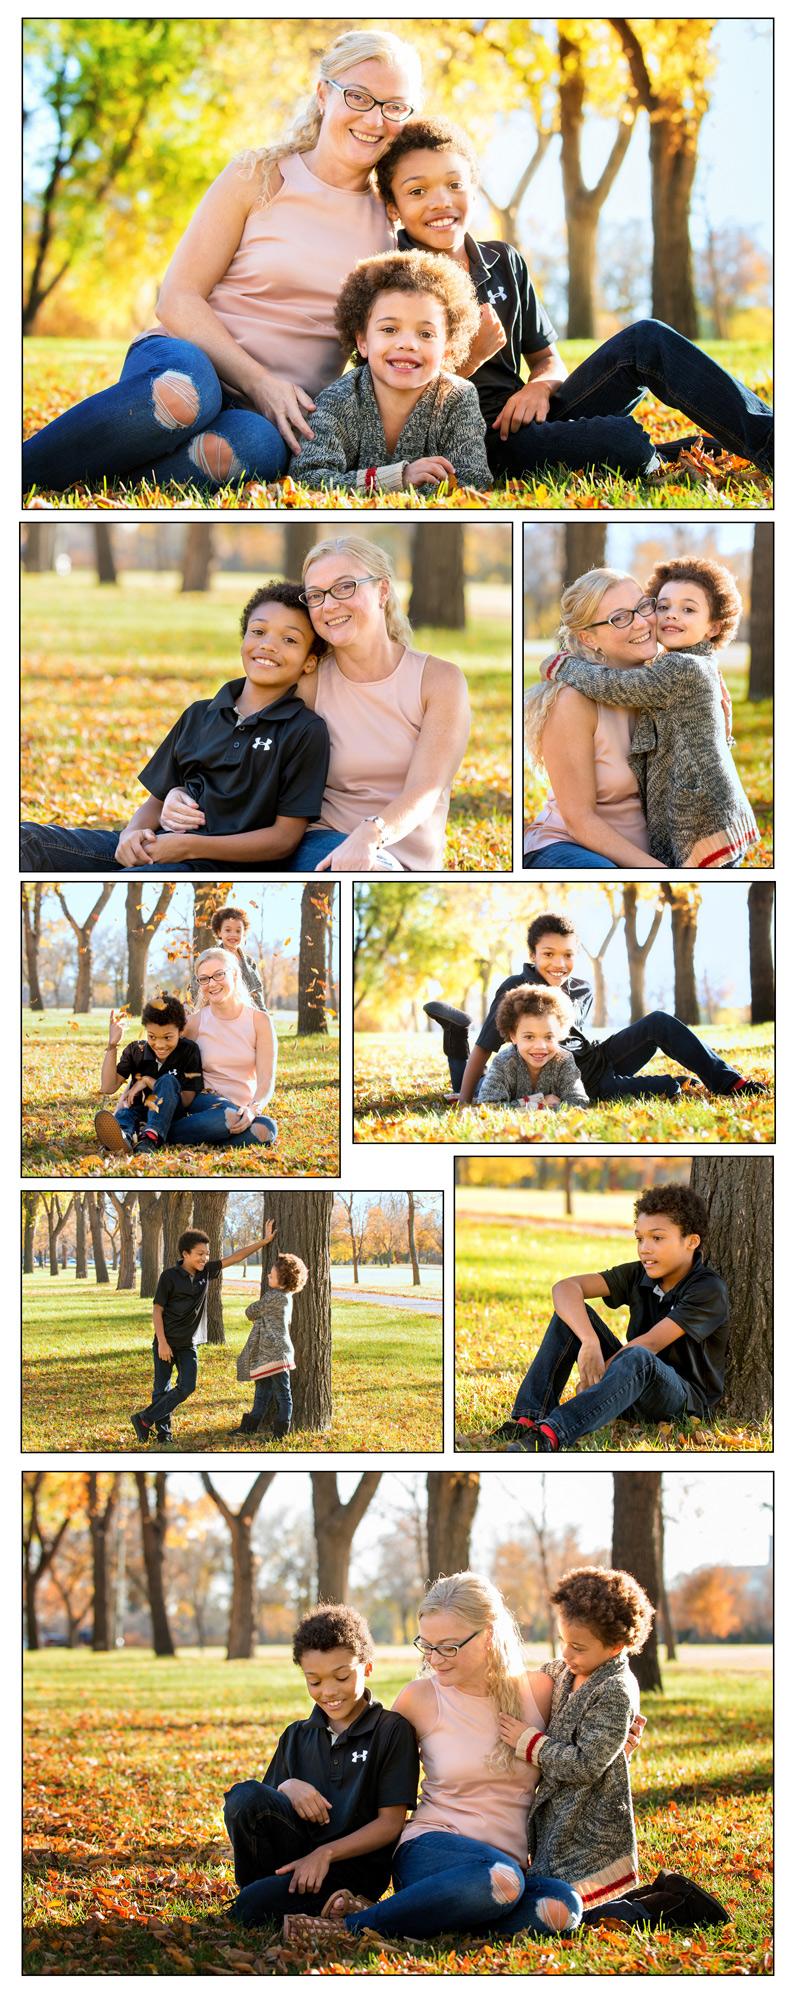 loving-family-free-lense-photo-01.jpg